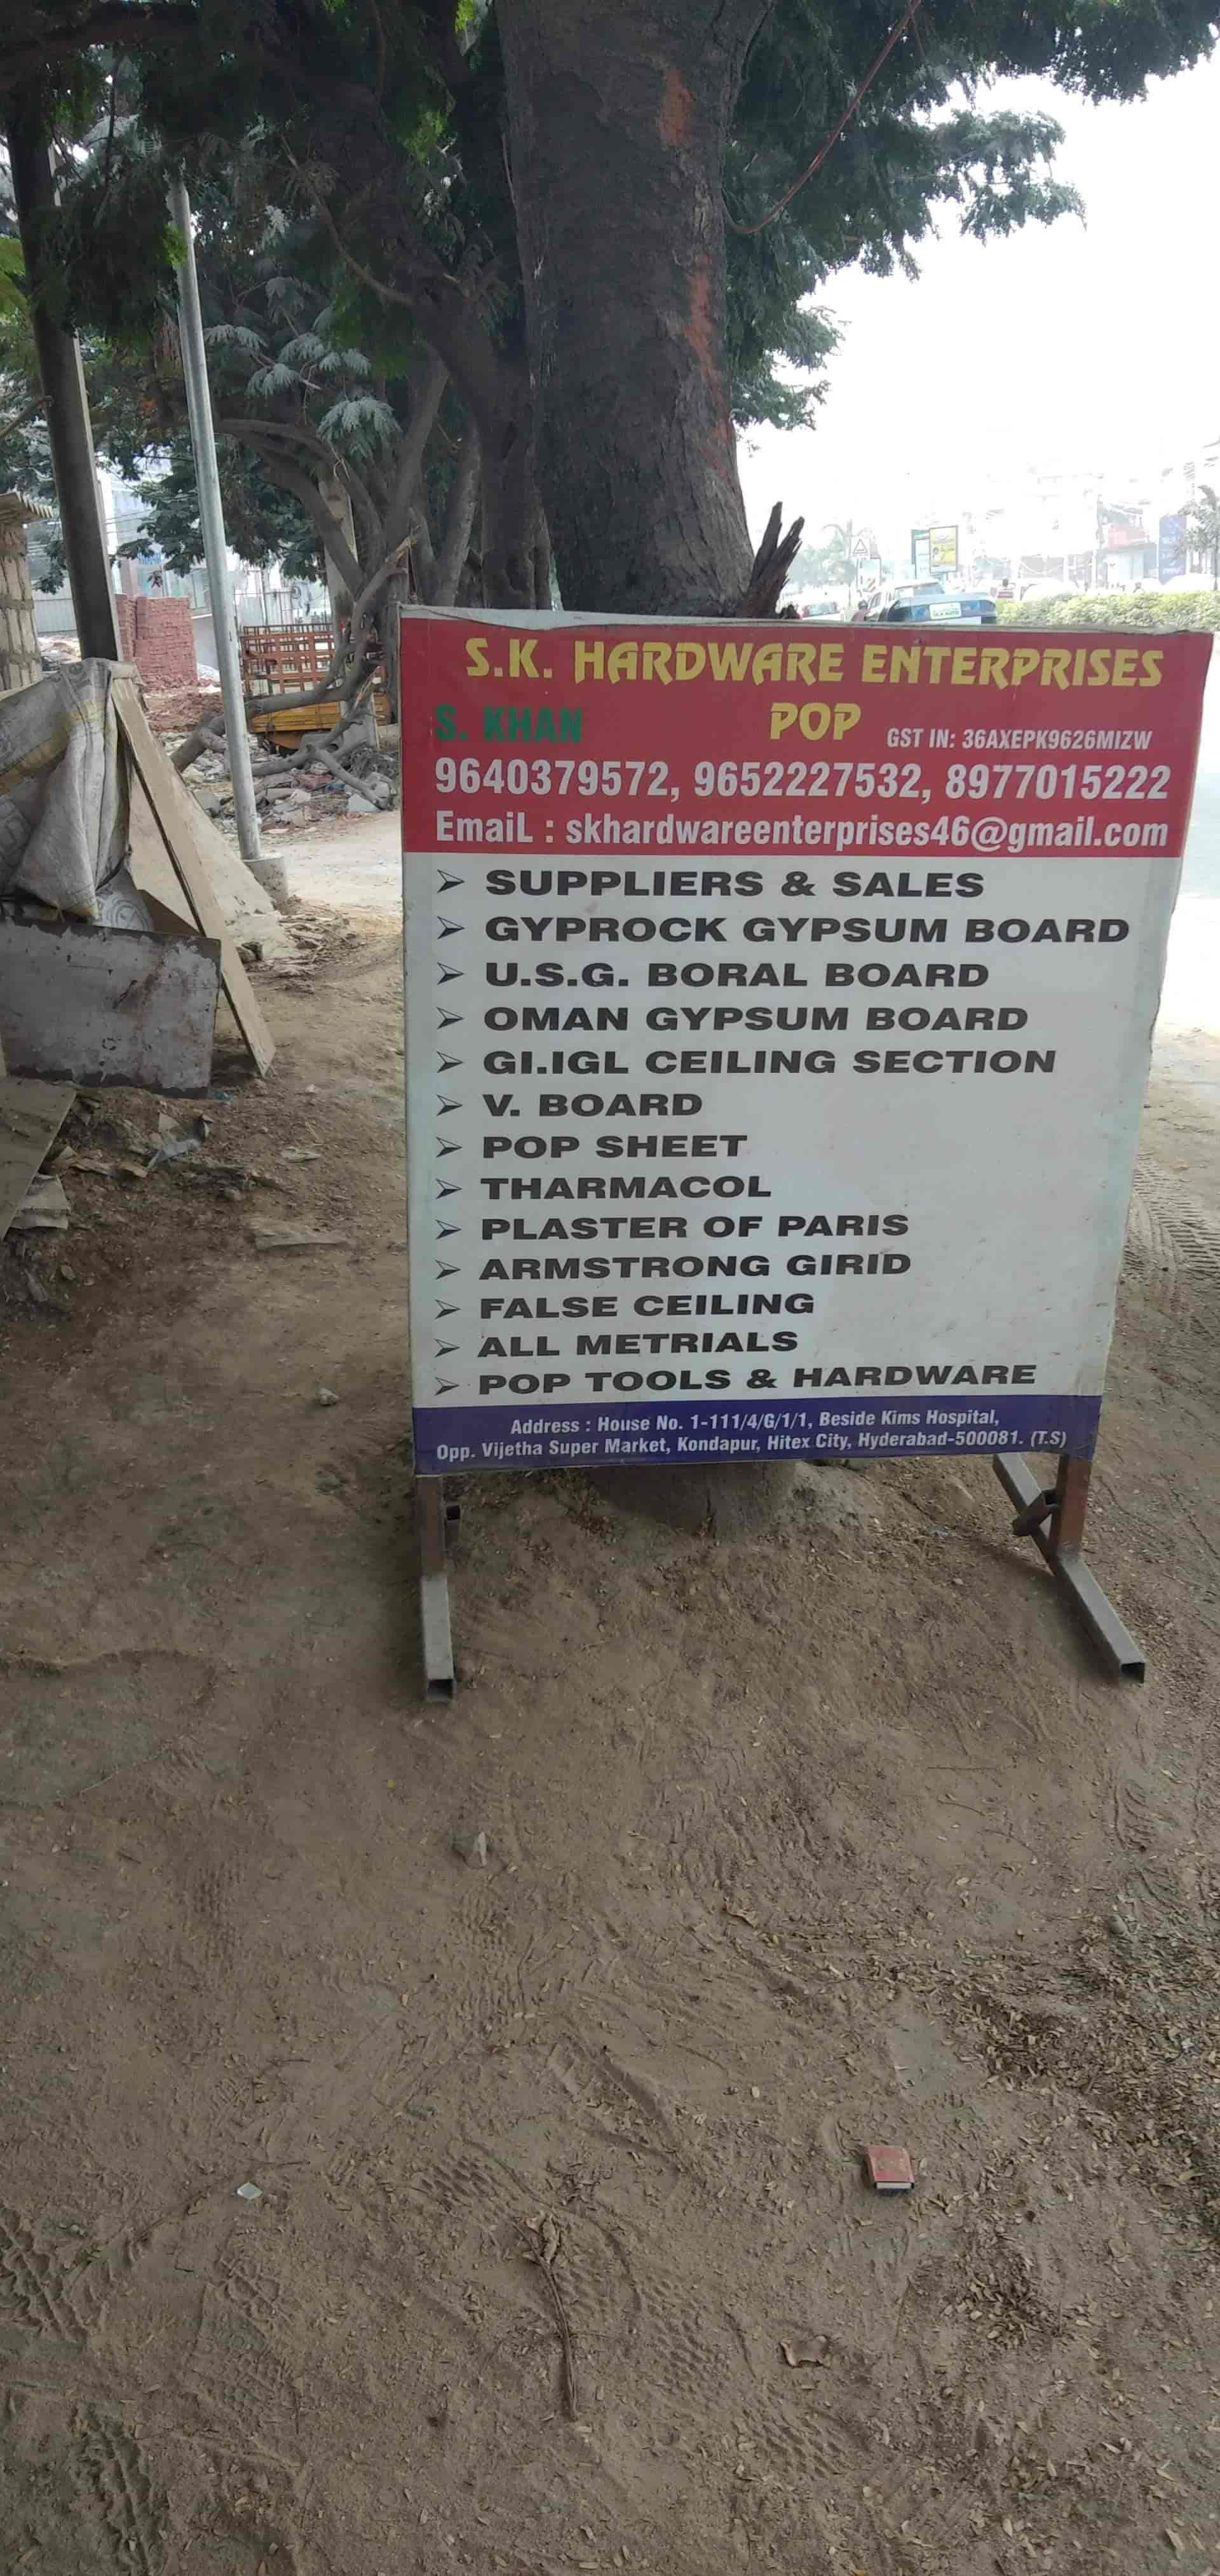 S K Hardware Enterprises, Kondapur - Hardware Shops in Hyderabad